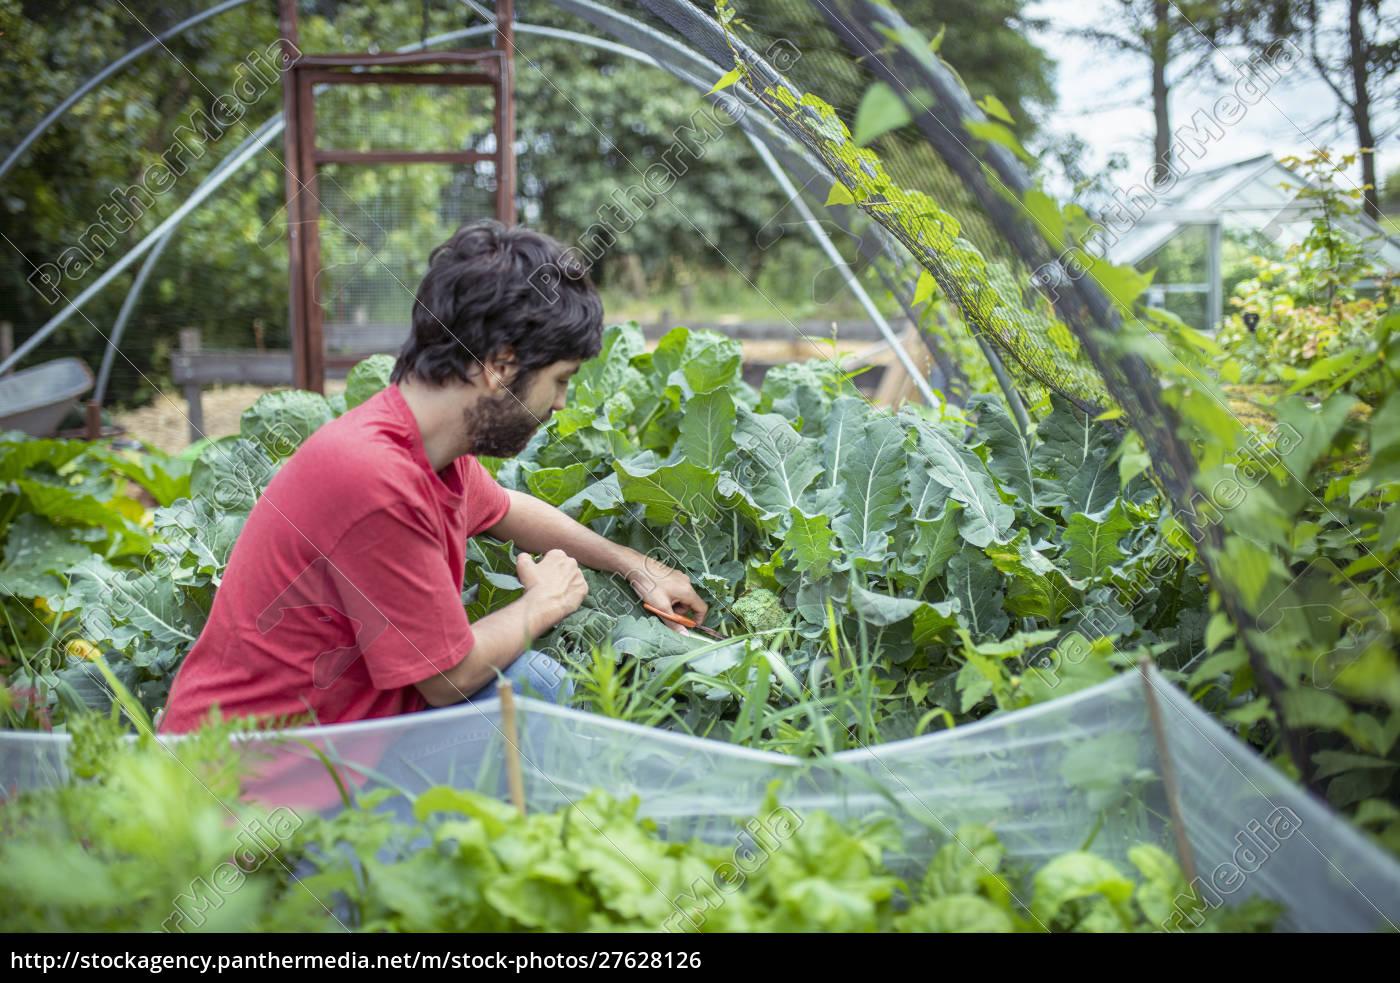 giardiniere, raccogliendo, broccoli, in, orto, biologico - 27628126